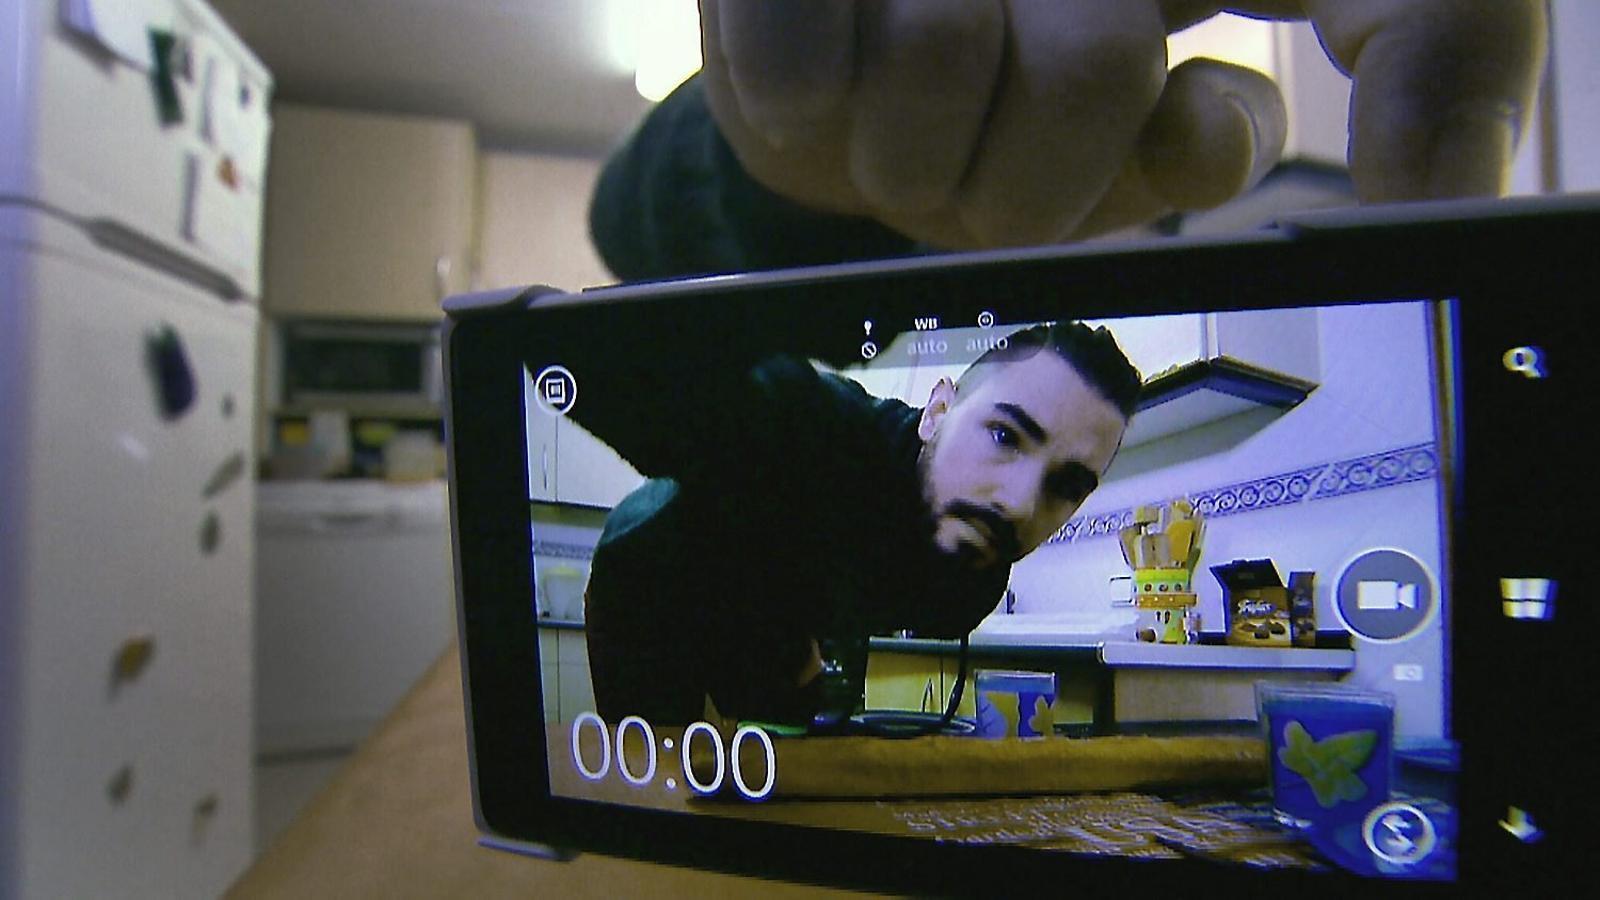 El Dídac, de 27 anys, és un dels protagonistes del capítol de Generació selfie dedicat a l'habitatge.